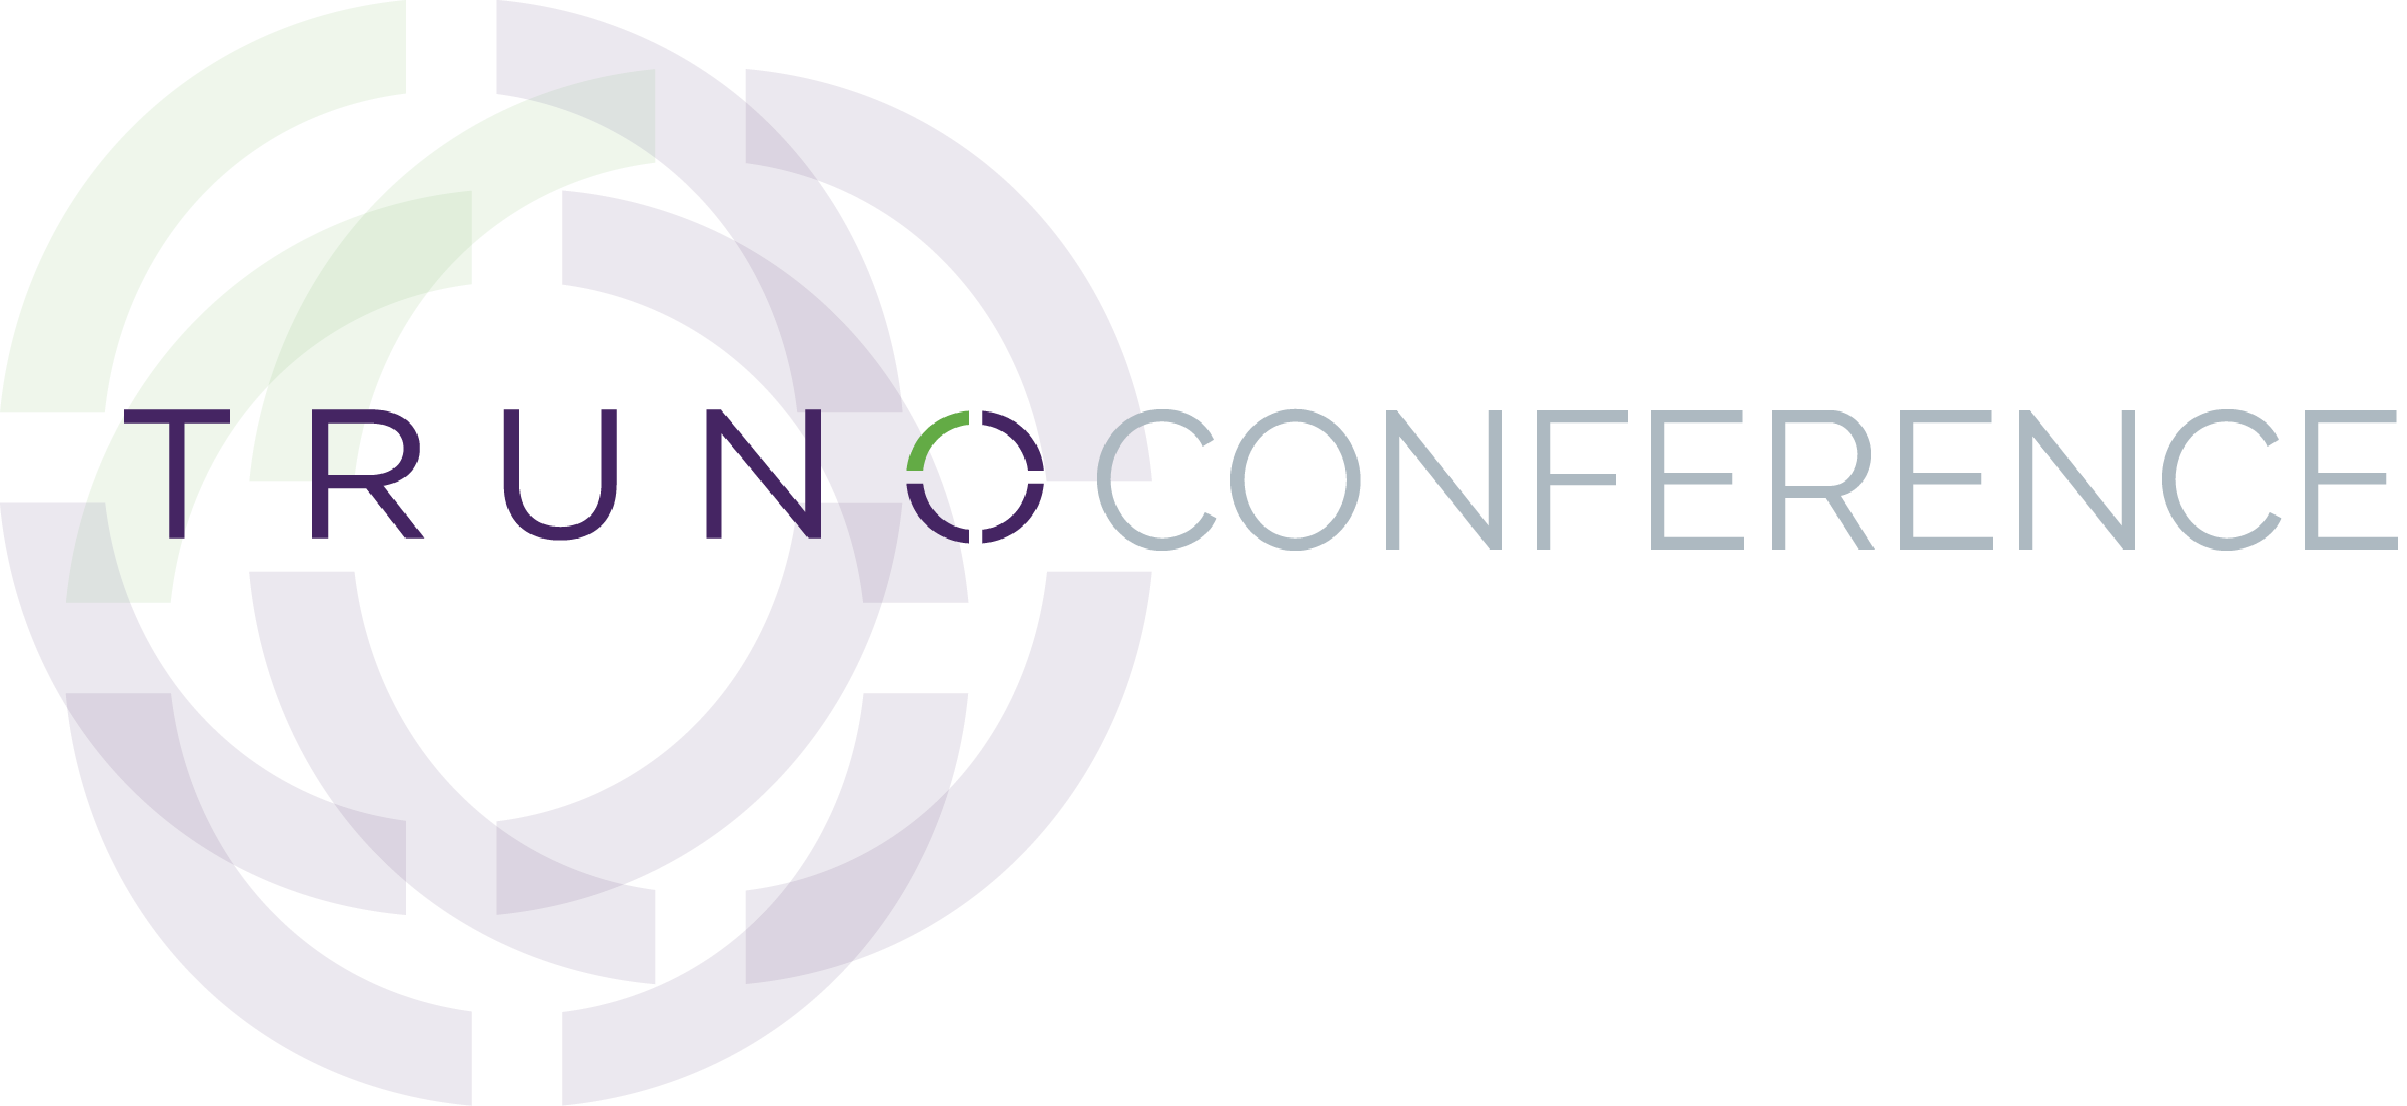 2015_Conference_Logo_-_No_Details.png